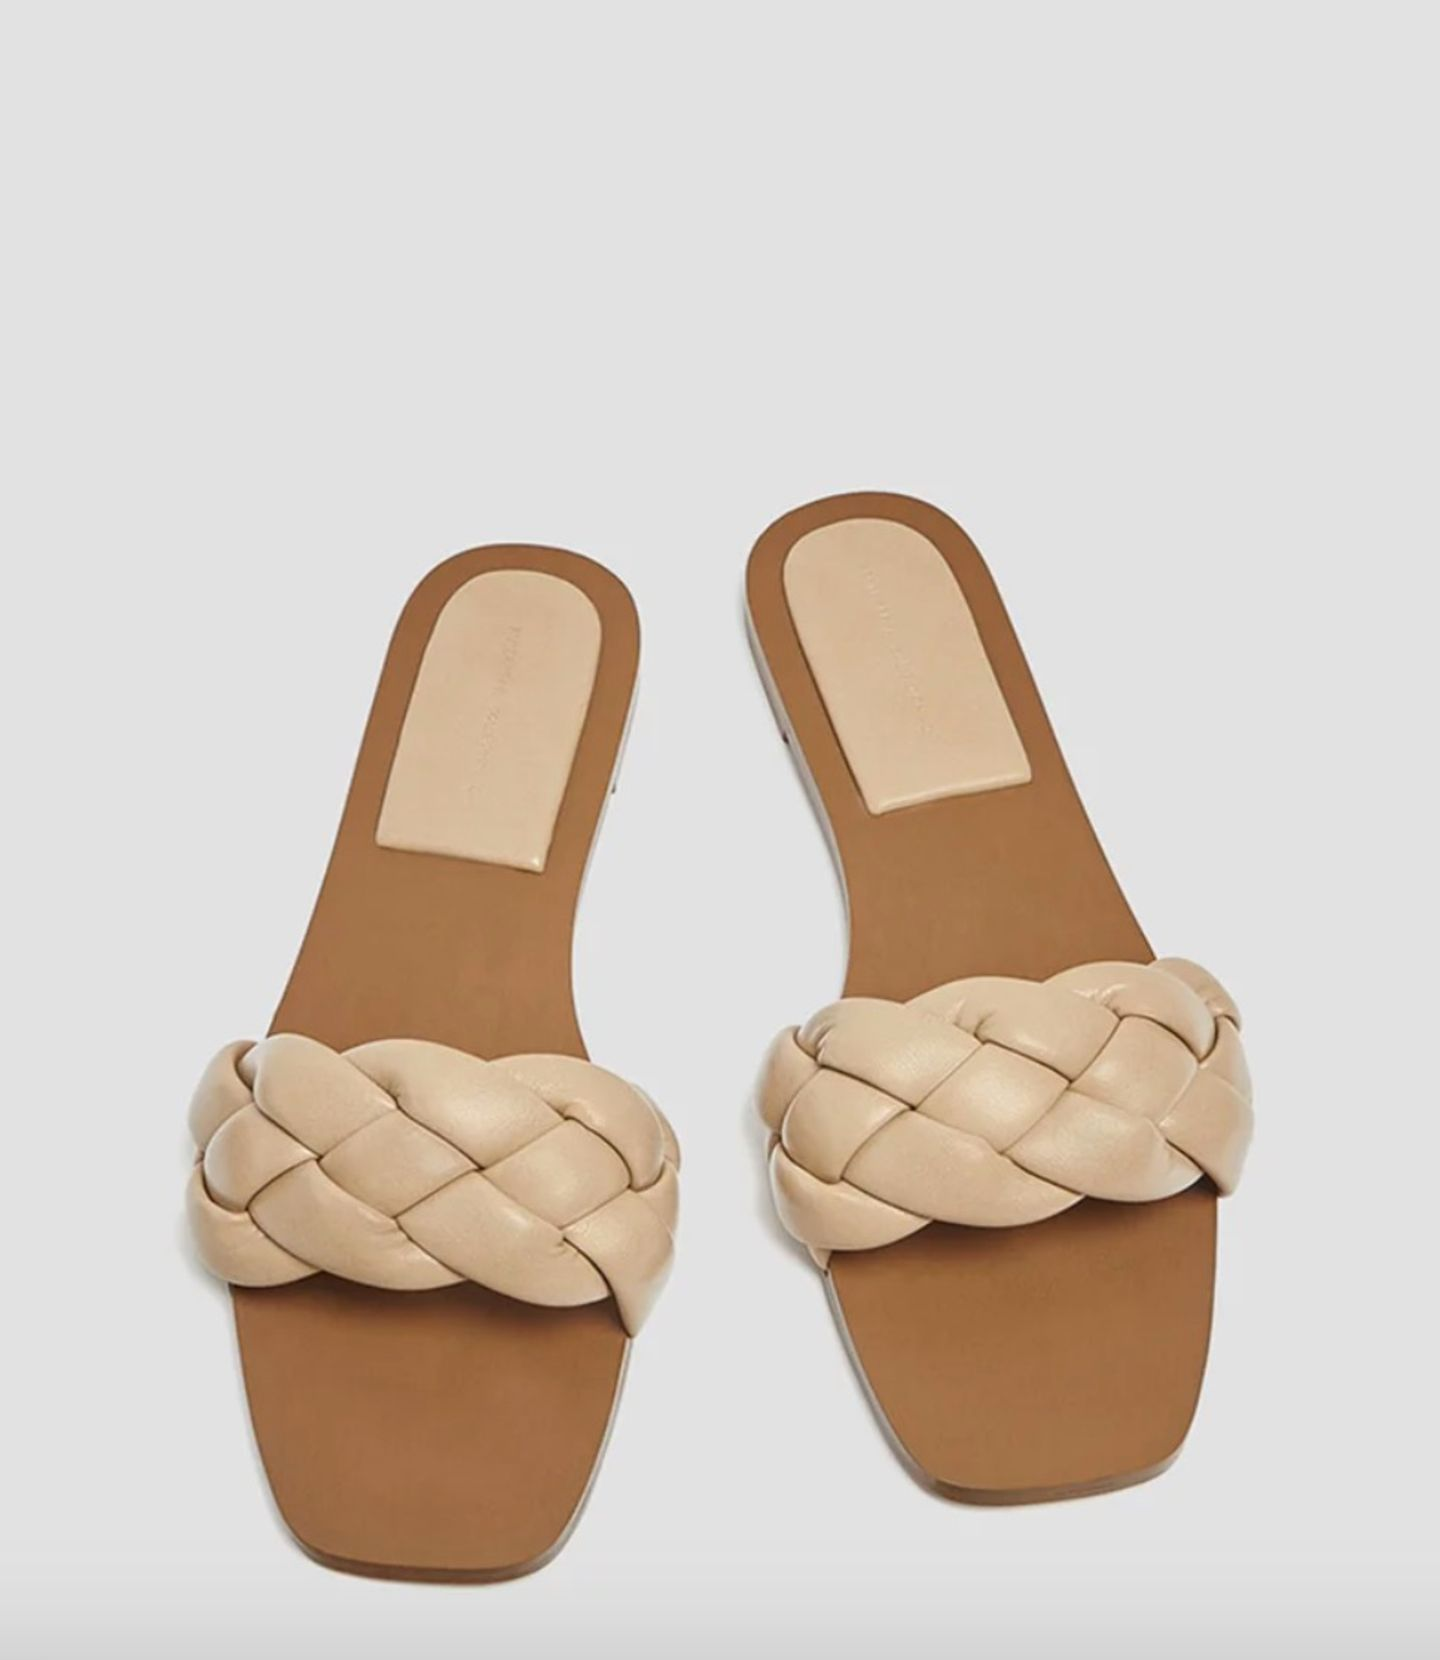 These Slides are made for walking! Die zarten Sandalen im Flecht-Look passen sich jedem Outfit an und sorgen für eine Extraportion Leichtigkeit. Von Pull & Bear, um 20 Euro.